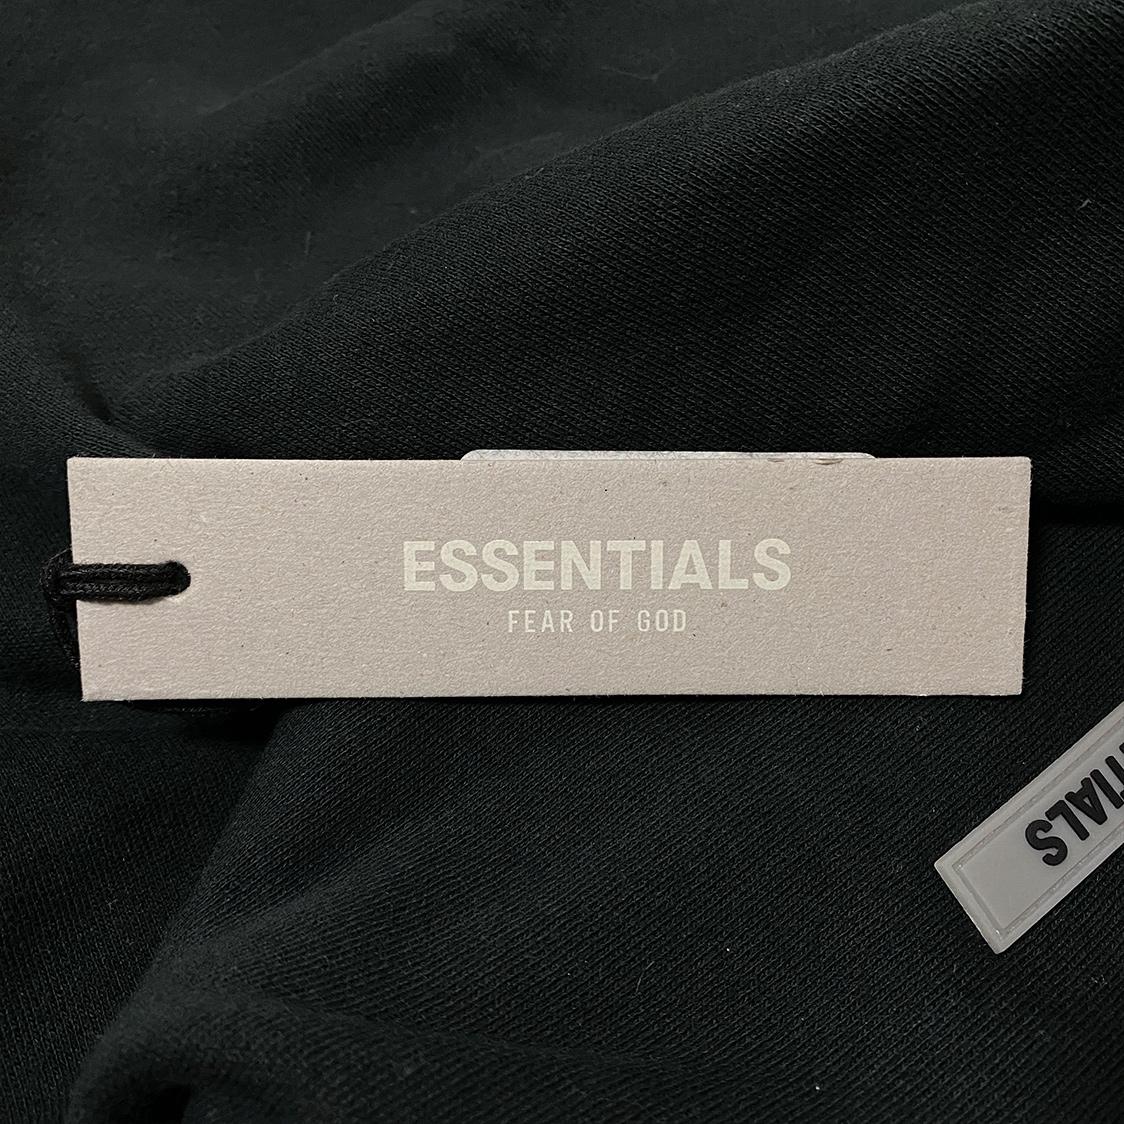 2020新作 新品 FOG Fear Of God Essentials フェアオブゴッド エッセンシャルズ 【Sサイズ】 LOGO パーカー フーディ エッセンシャル BLACK ブラック フォグ【ジェリーロレンゾ着】